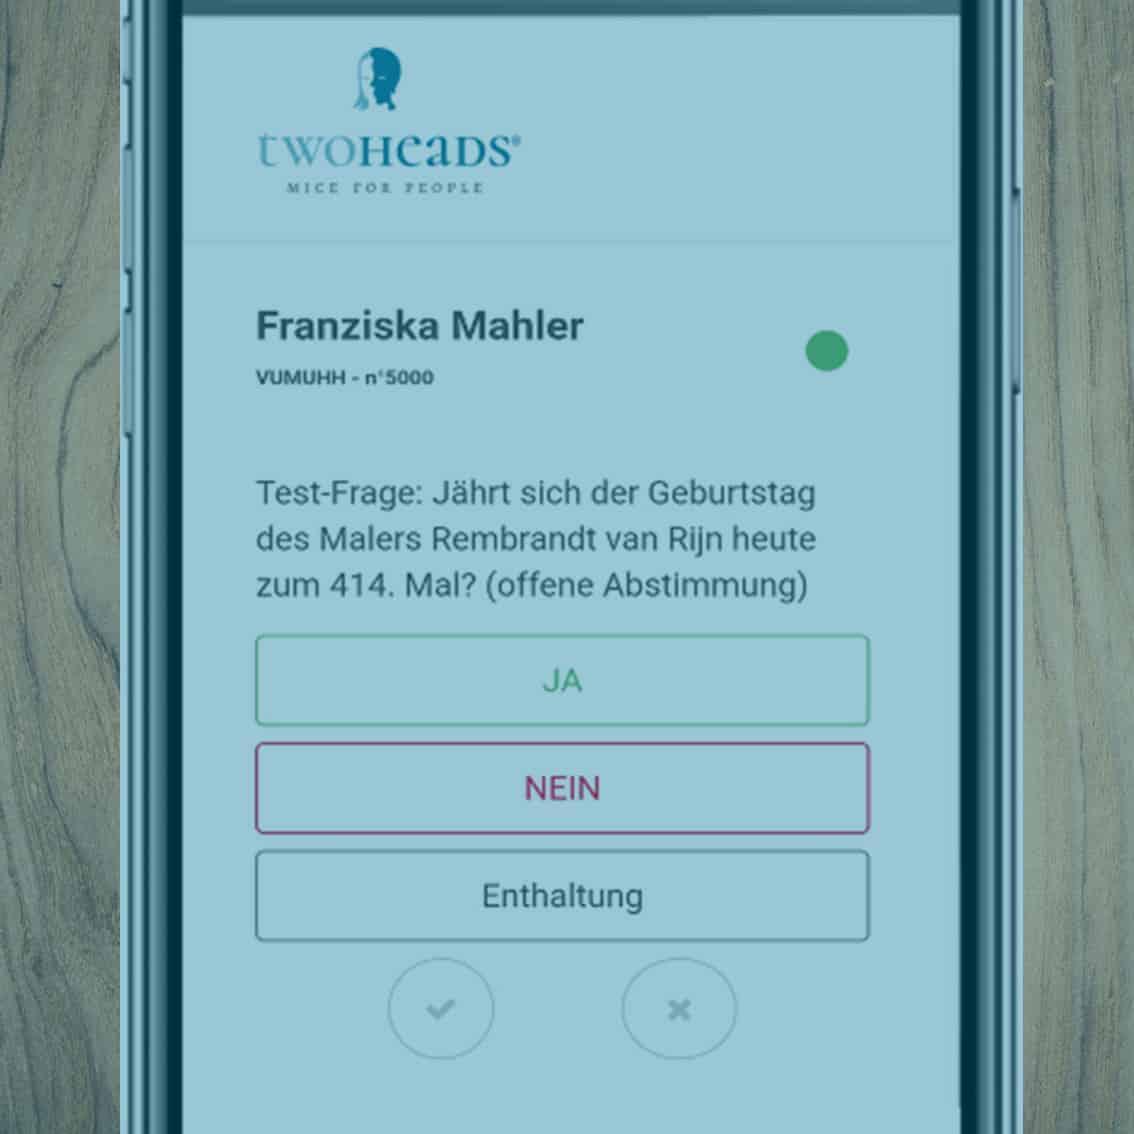 Votebox als rechtskonformes Abstimmungstool am Smartphone für Online & Hybrid Events